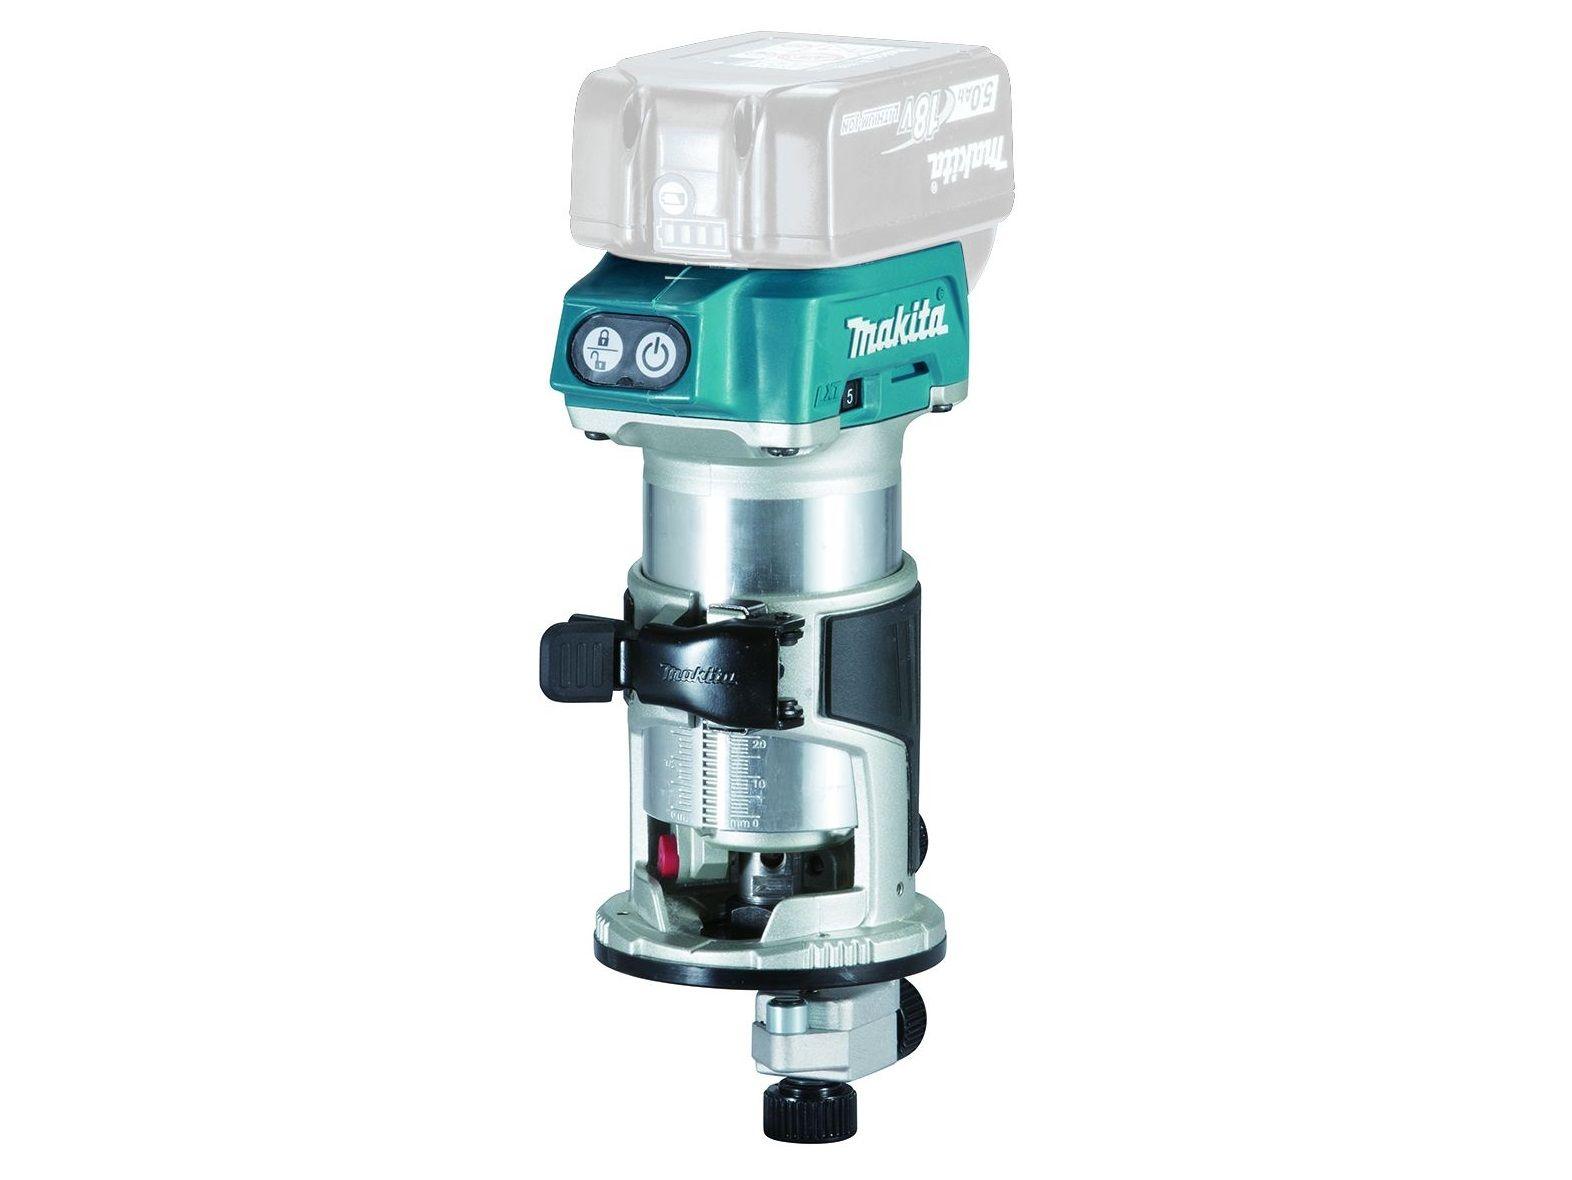 Bezuhlíková aku kombinovaná frézka Makita DRT50Z - 18V, 6/8mm, 1.8kg, bez akumulátoru a nabíječky